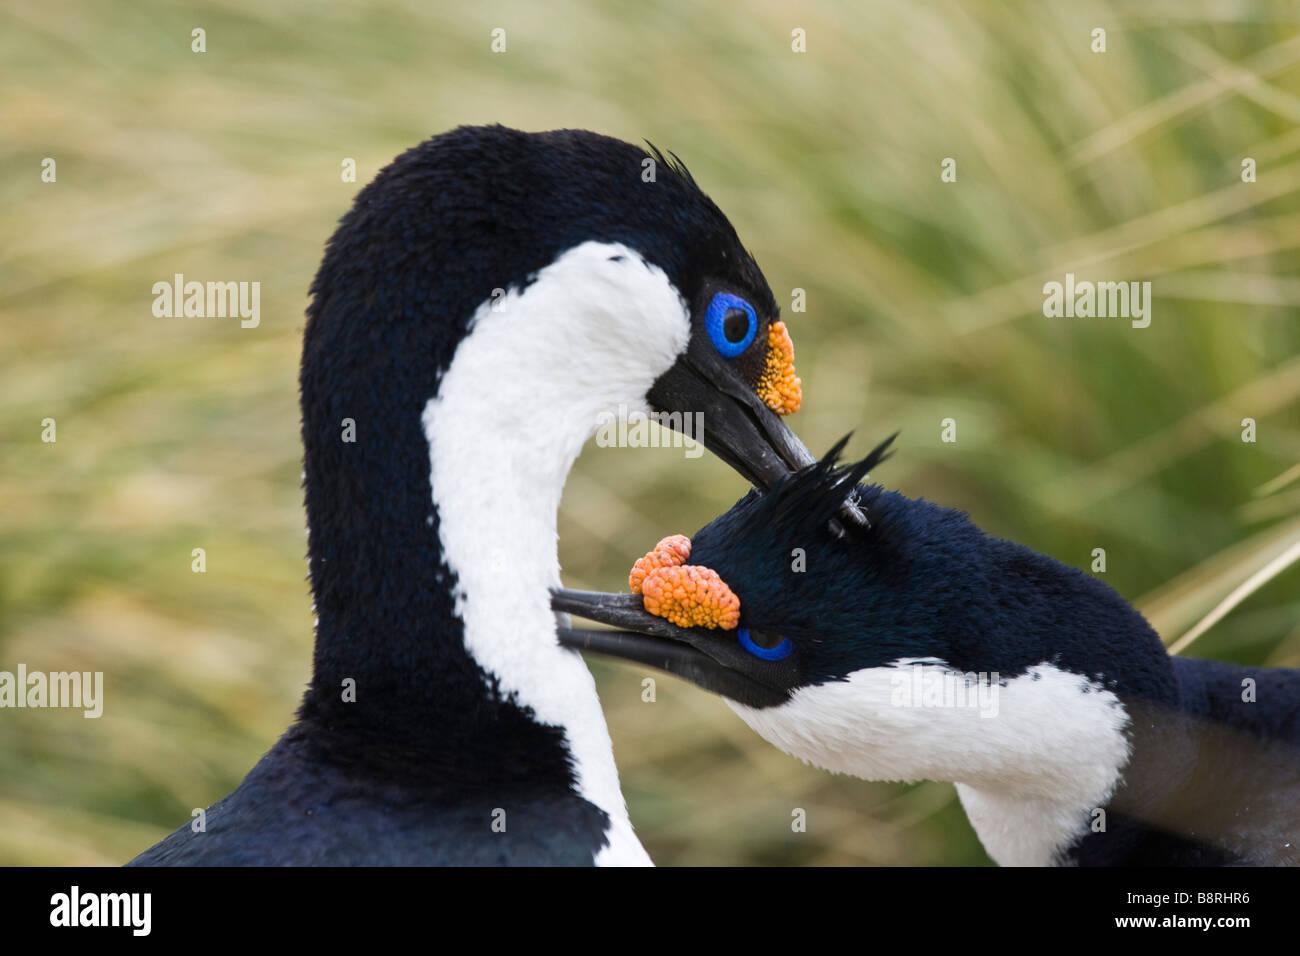 South Georgia Island, UK - Blue-eyed comorant (shag) - Stock Image